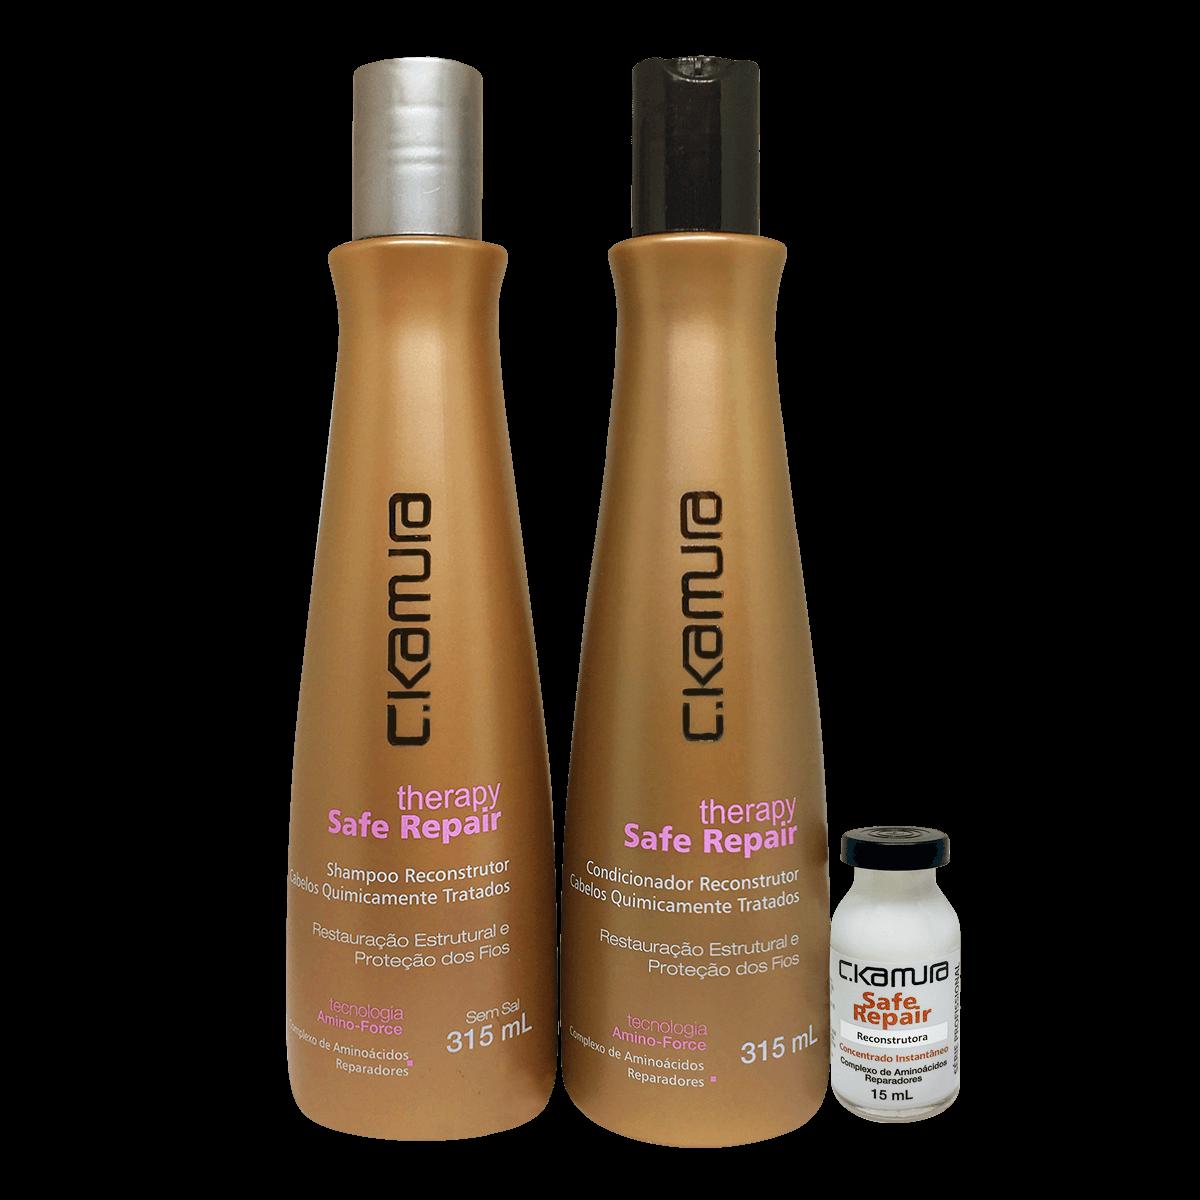 C.Kamura Kit Therapy Safe Repair Shampoo e Condicionador - 315 ml cada  Superdose Gratis